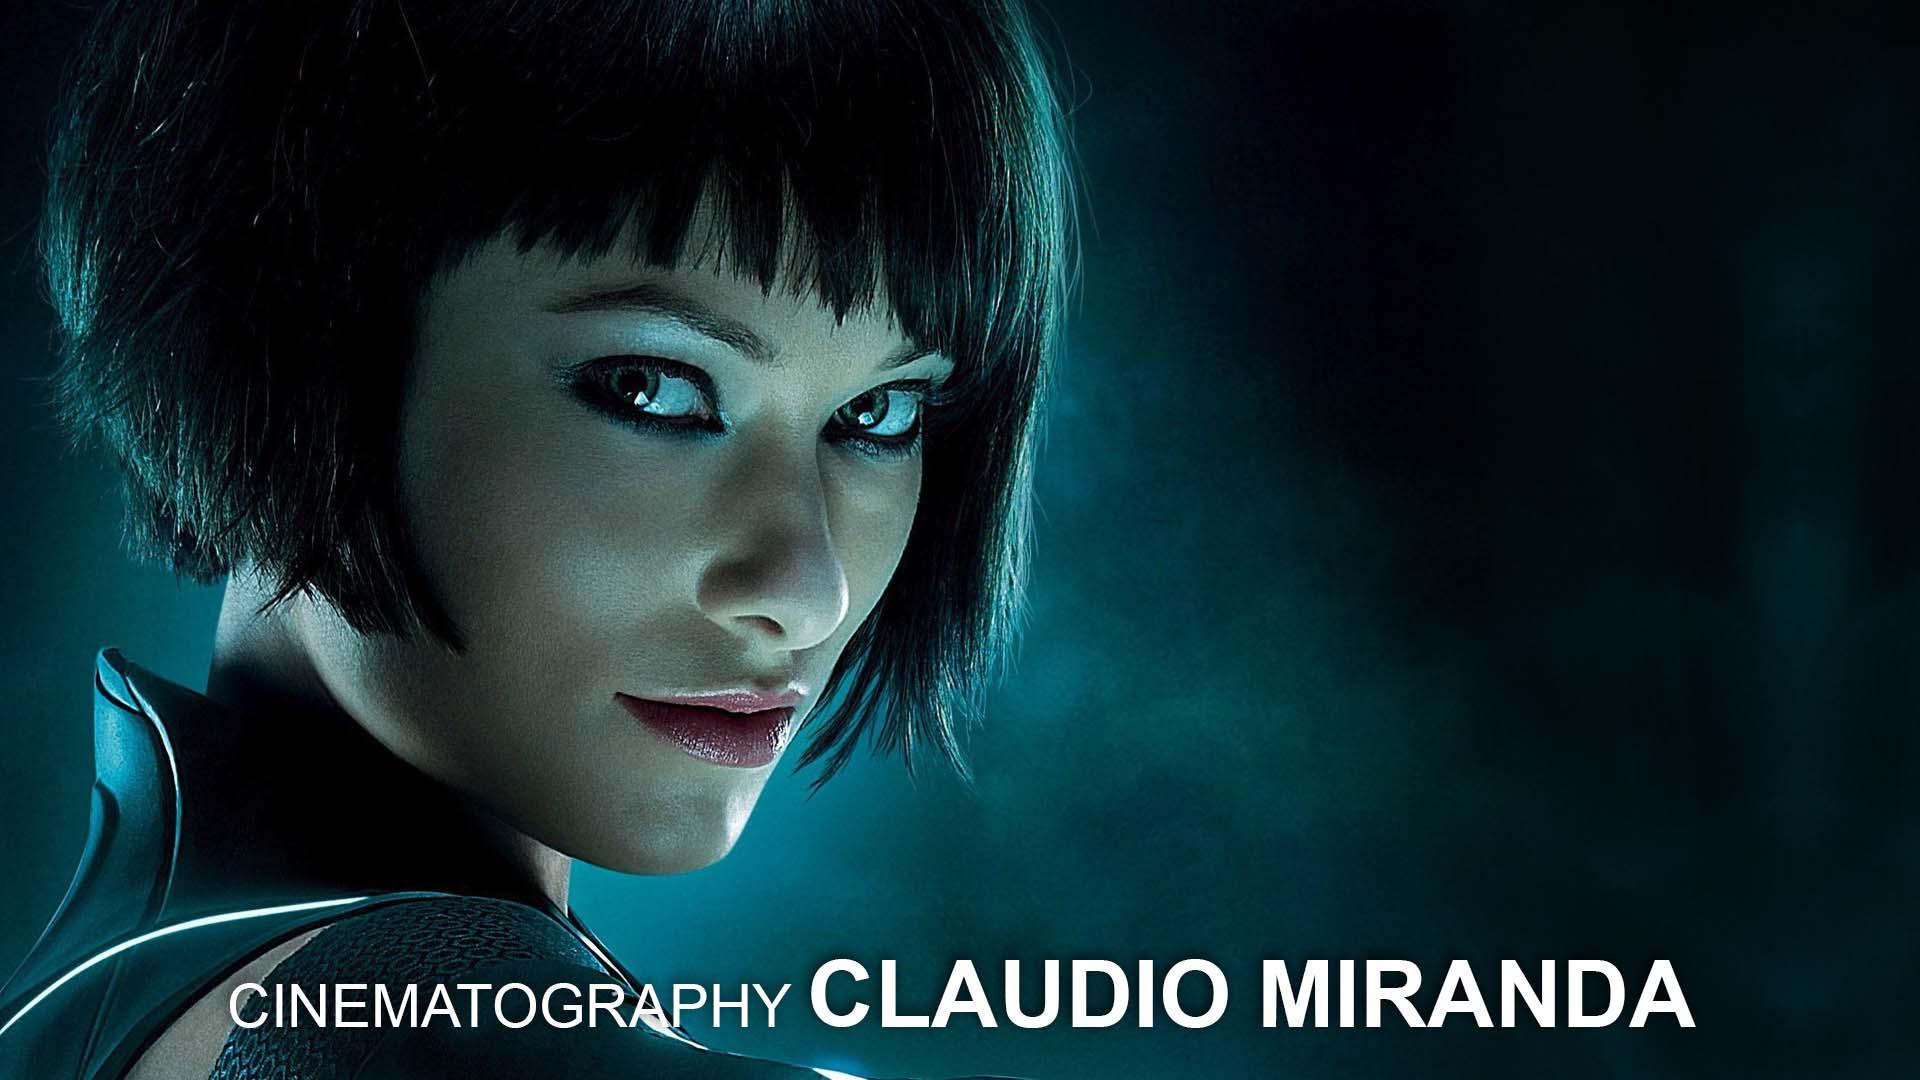 cinematographyClaudioMirandaWC